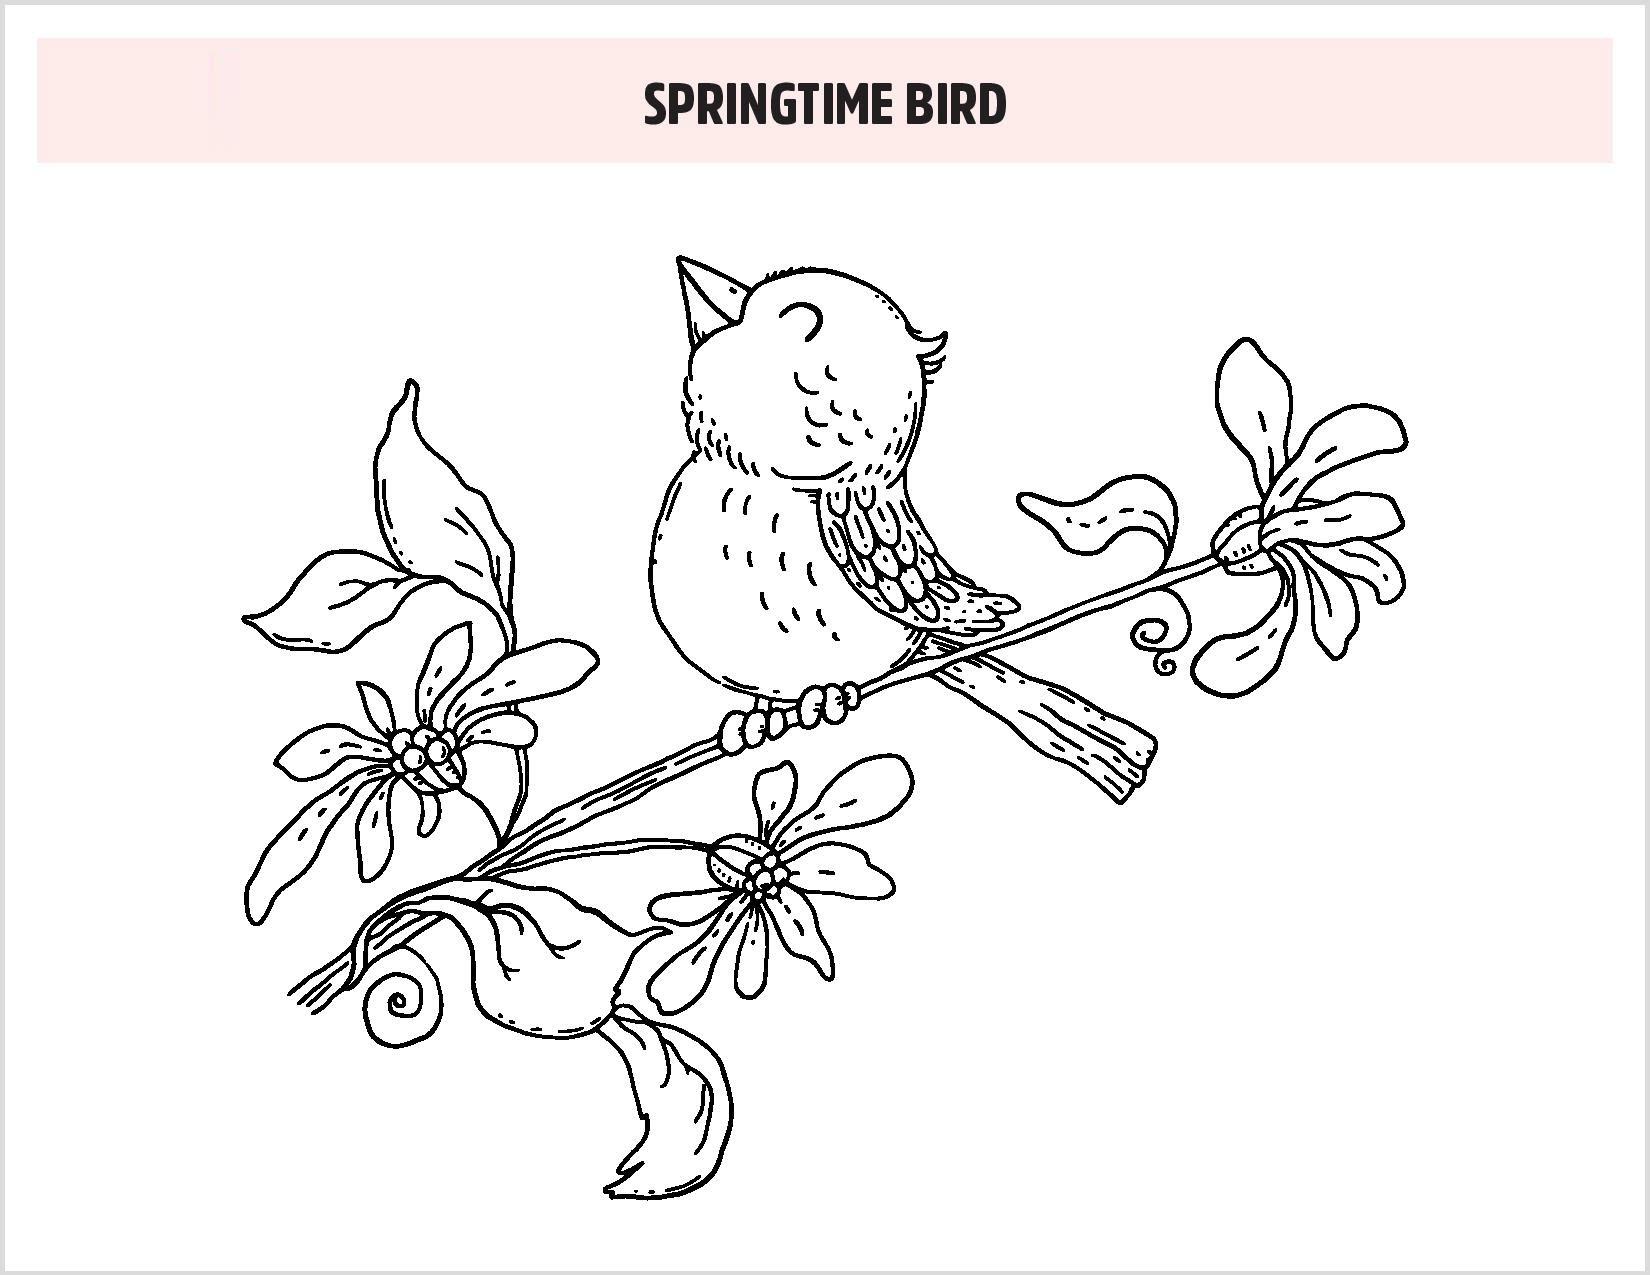 Tranh tô màu con chim mùa xuân đáng yêu